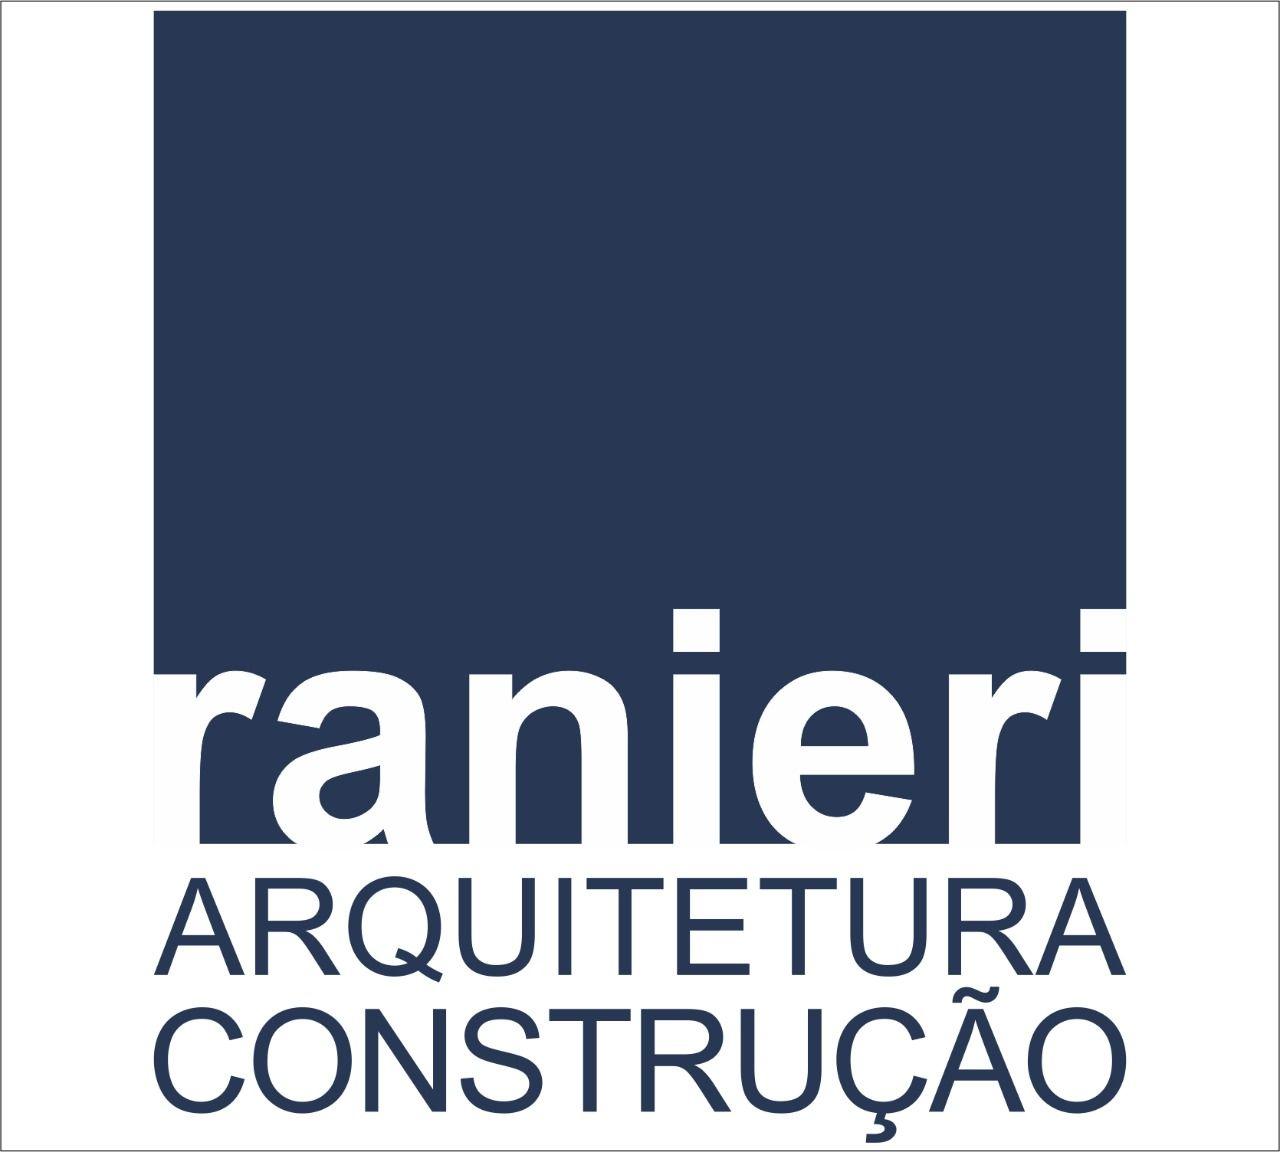 Ranieri Arquitetura e Construção - Arq Ronaldo Ranieri em Guarujá